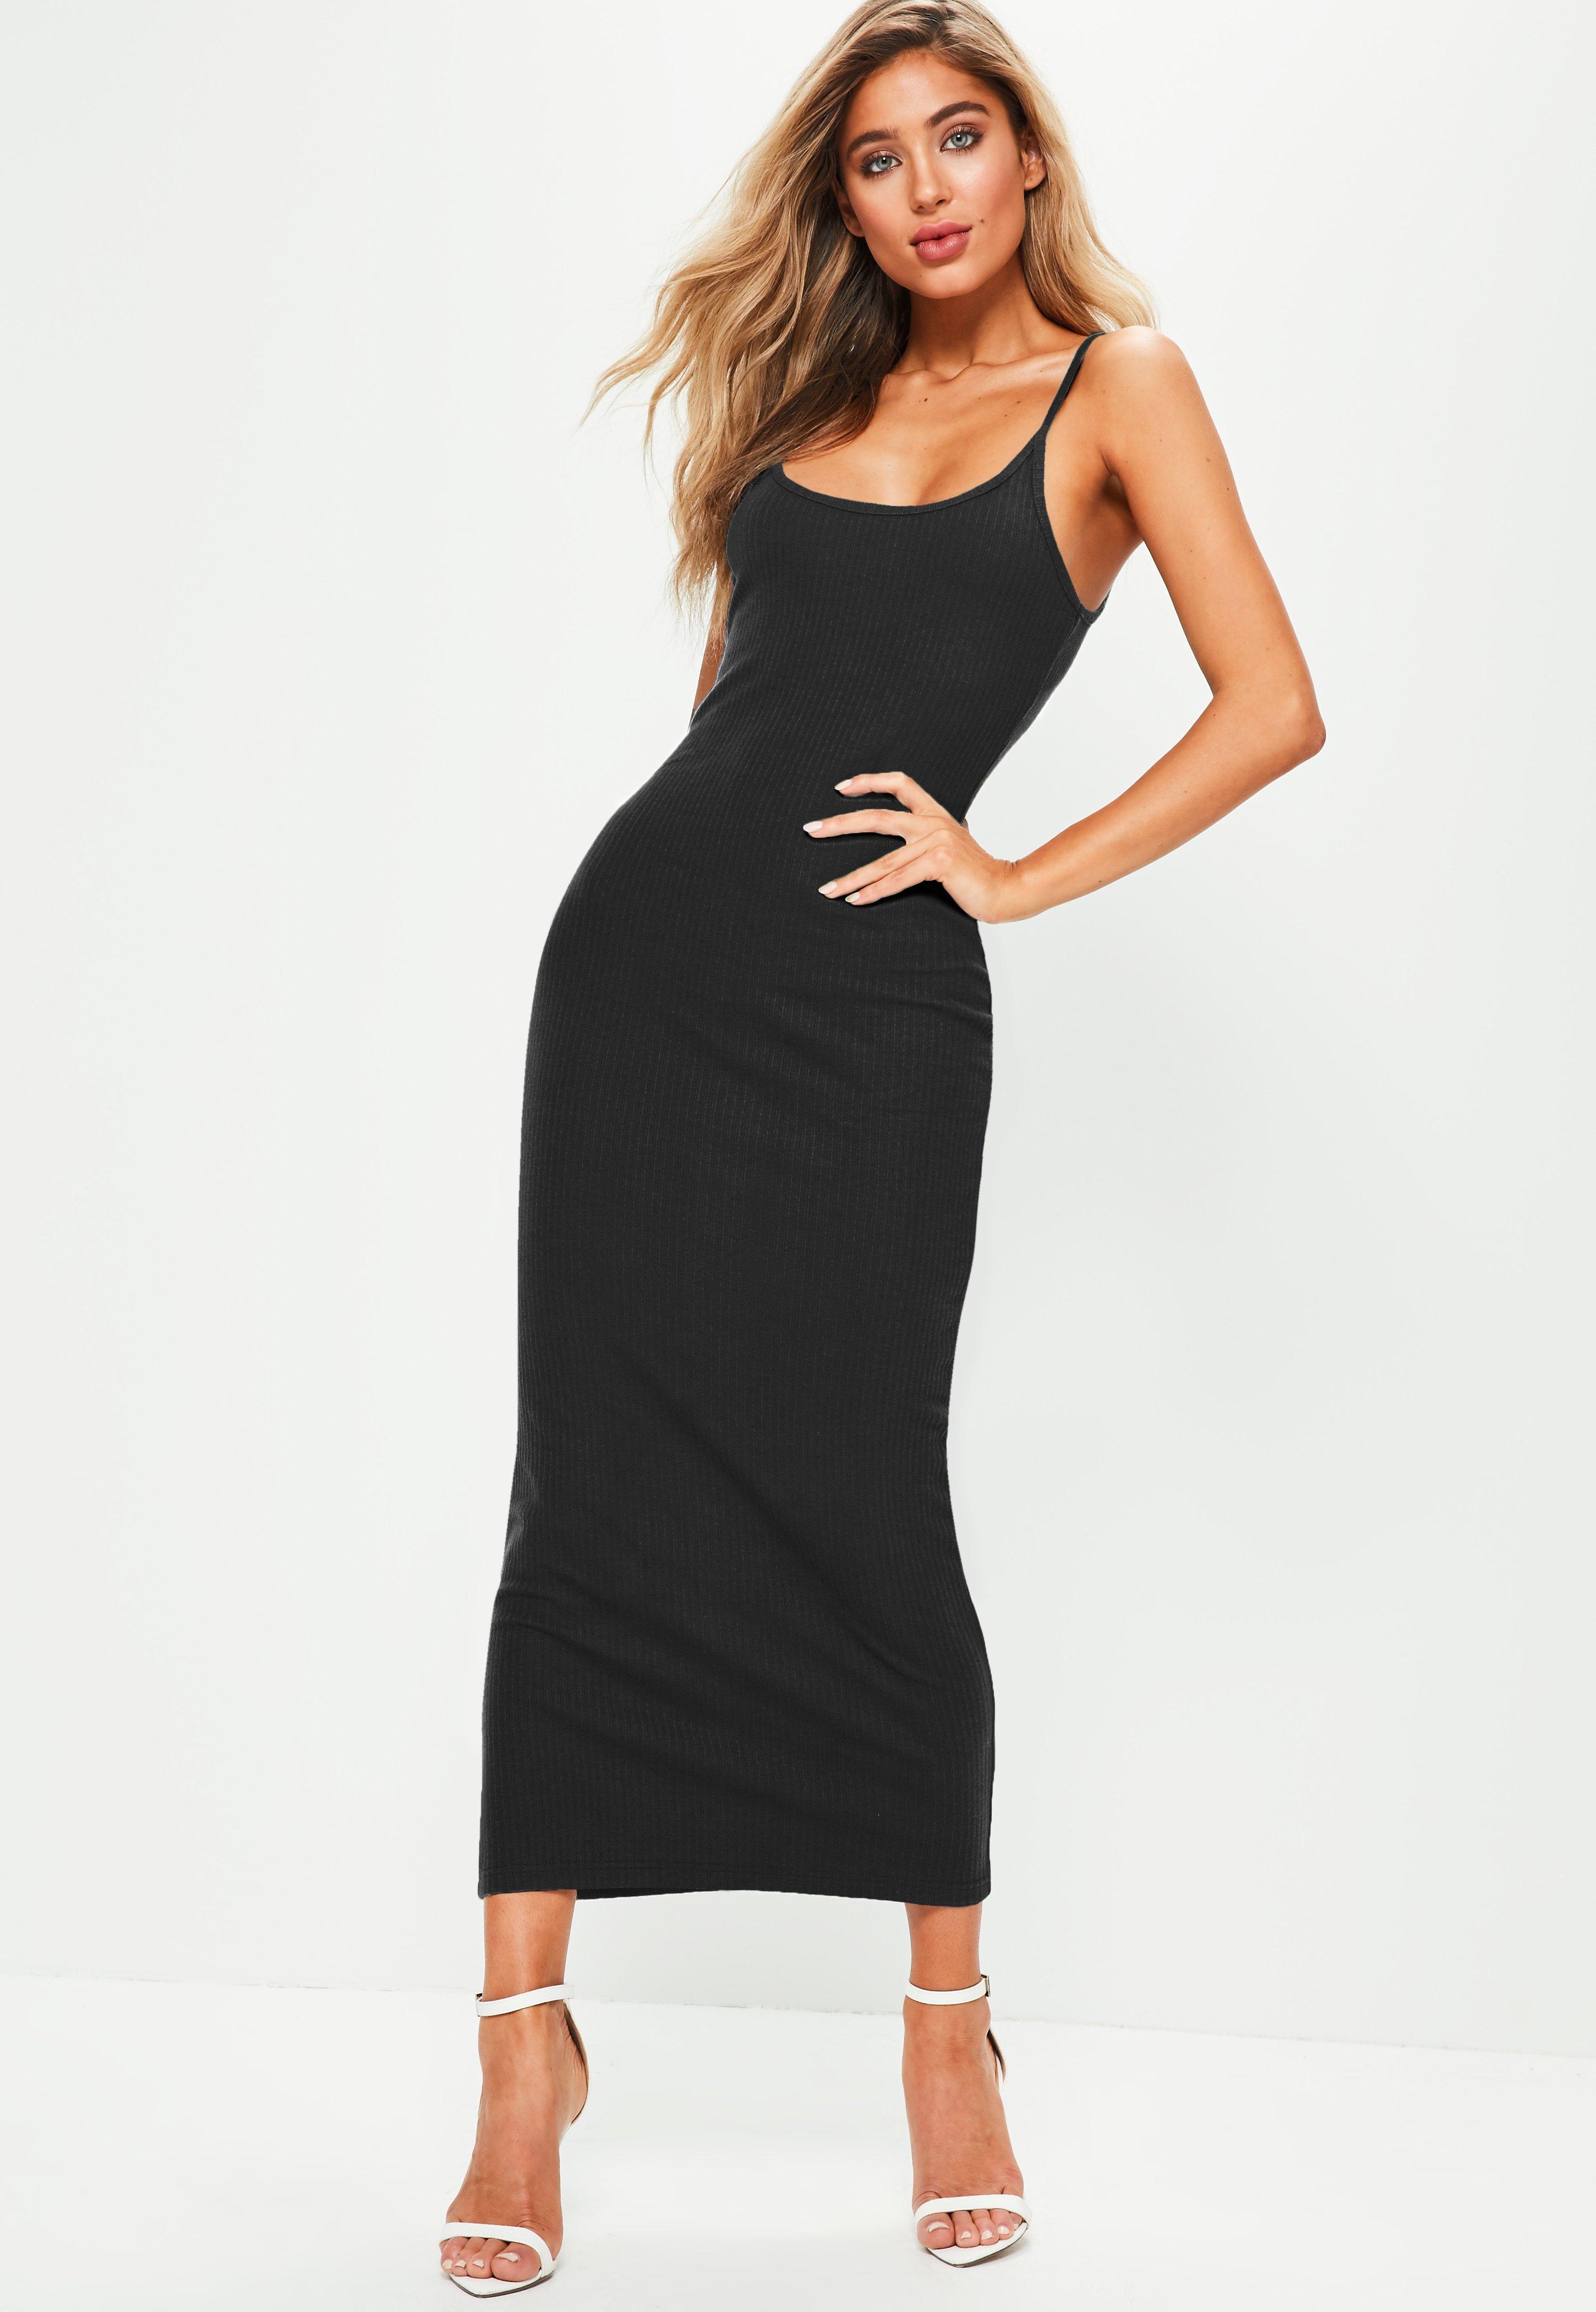 f06e21d00463 Black Ribbed Strappy Midi Dress